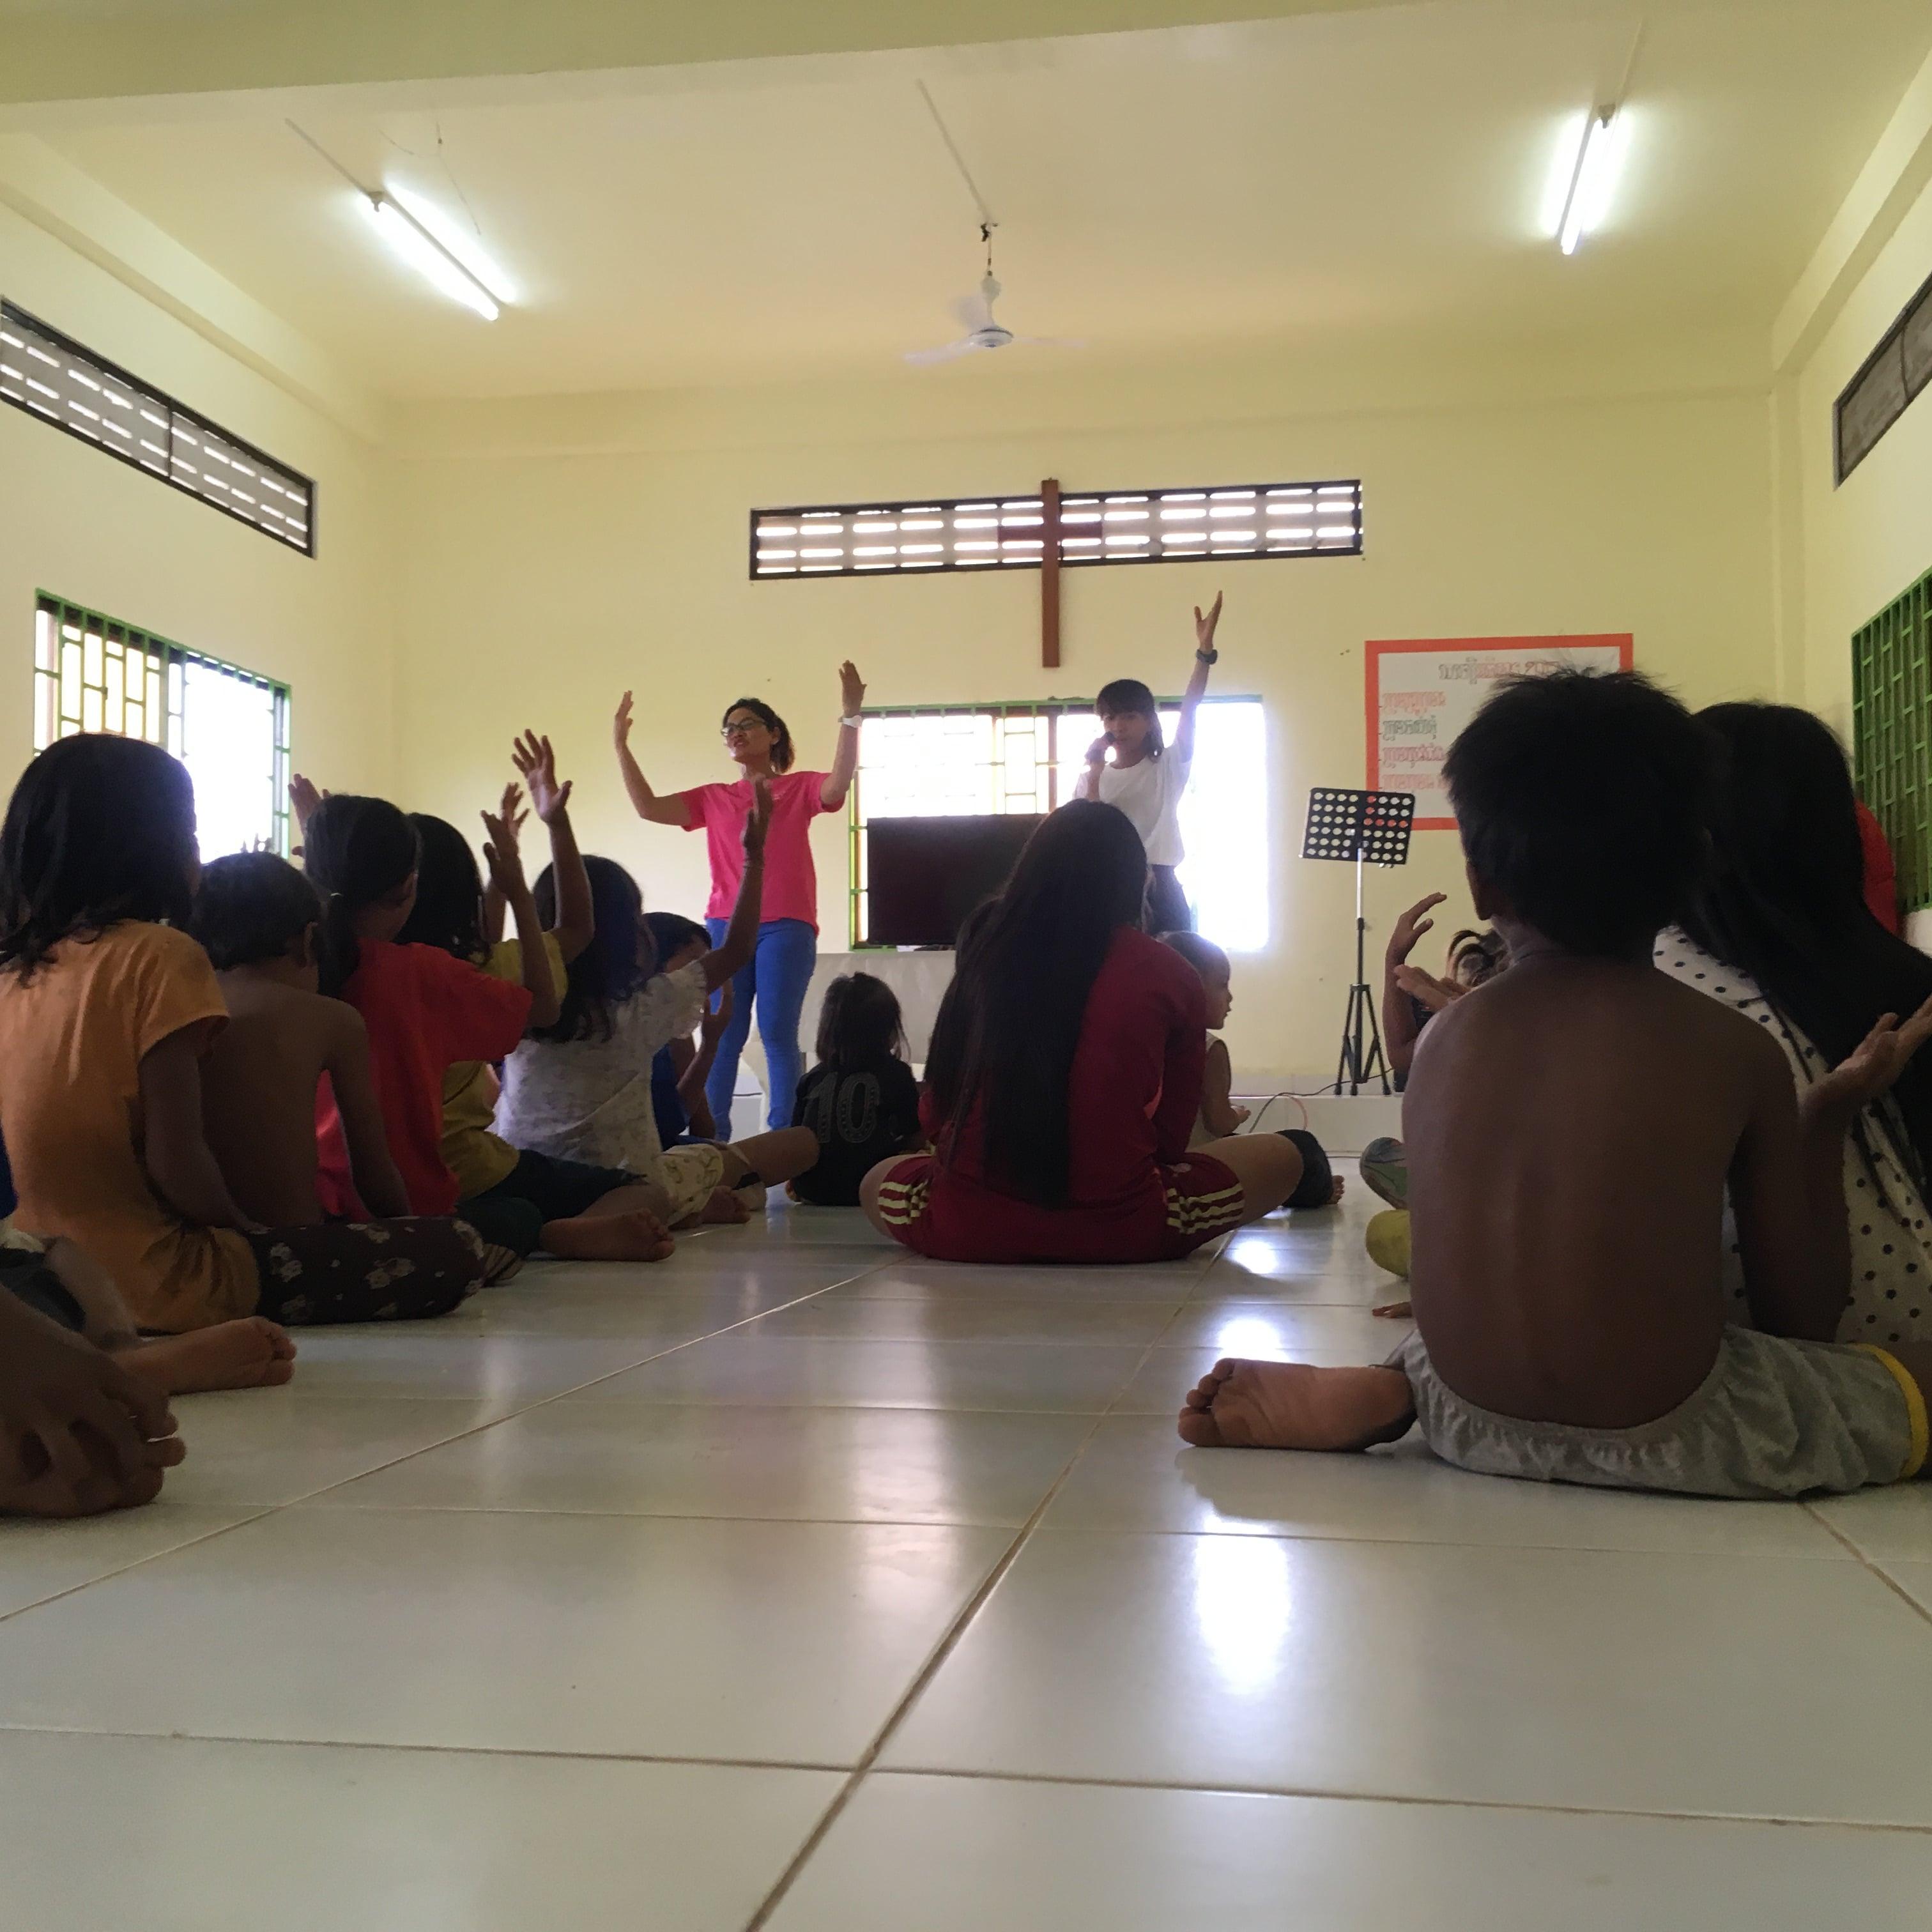 2017 캄보디아 아웃리치 Cambodia Outreach 밴쿠버 GDEW